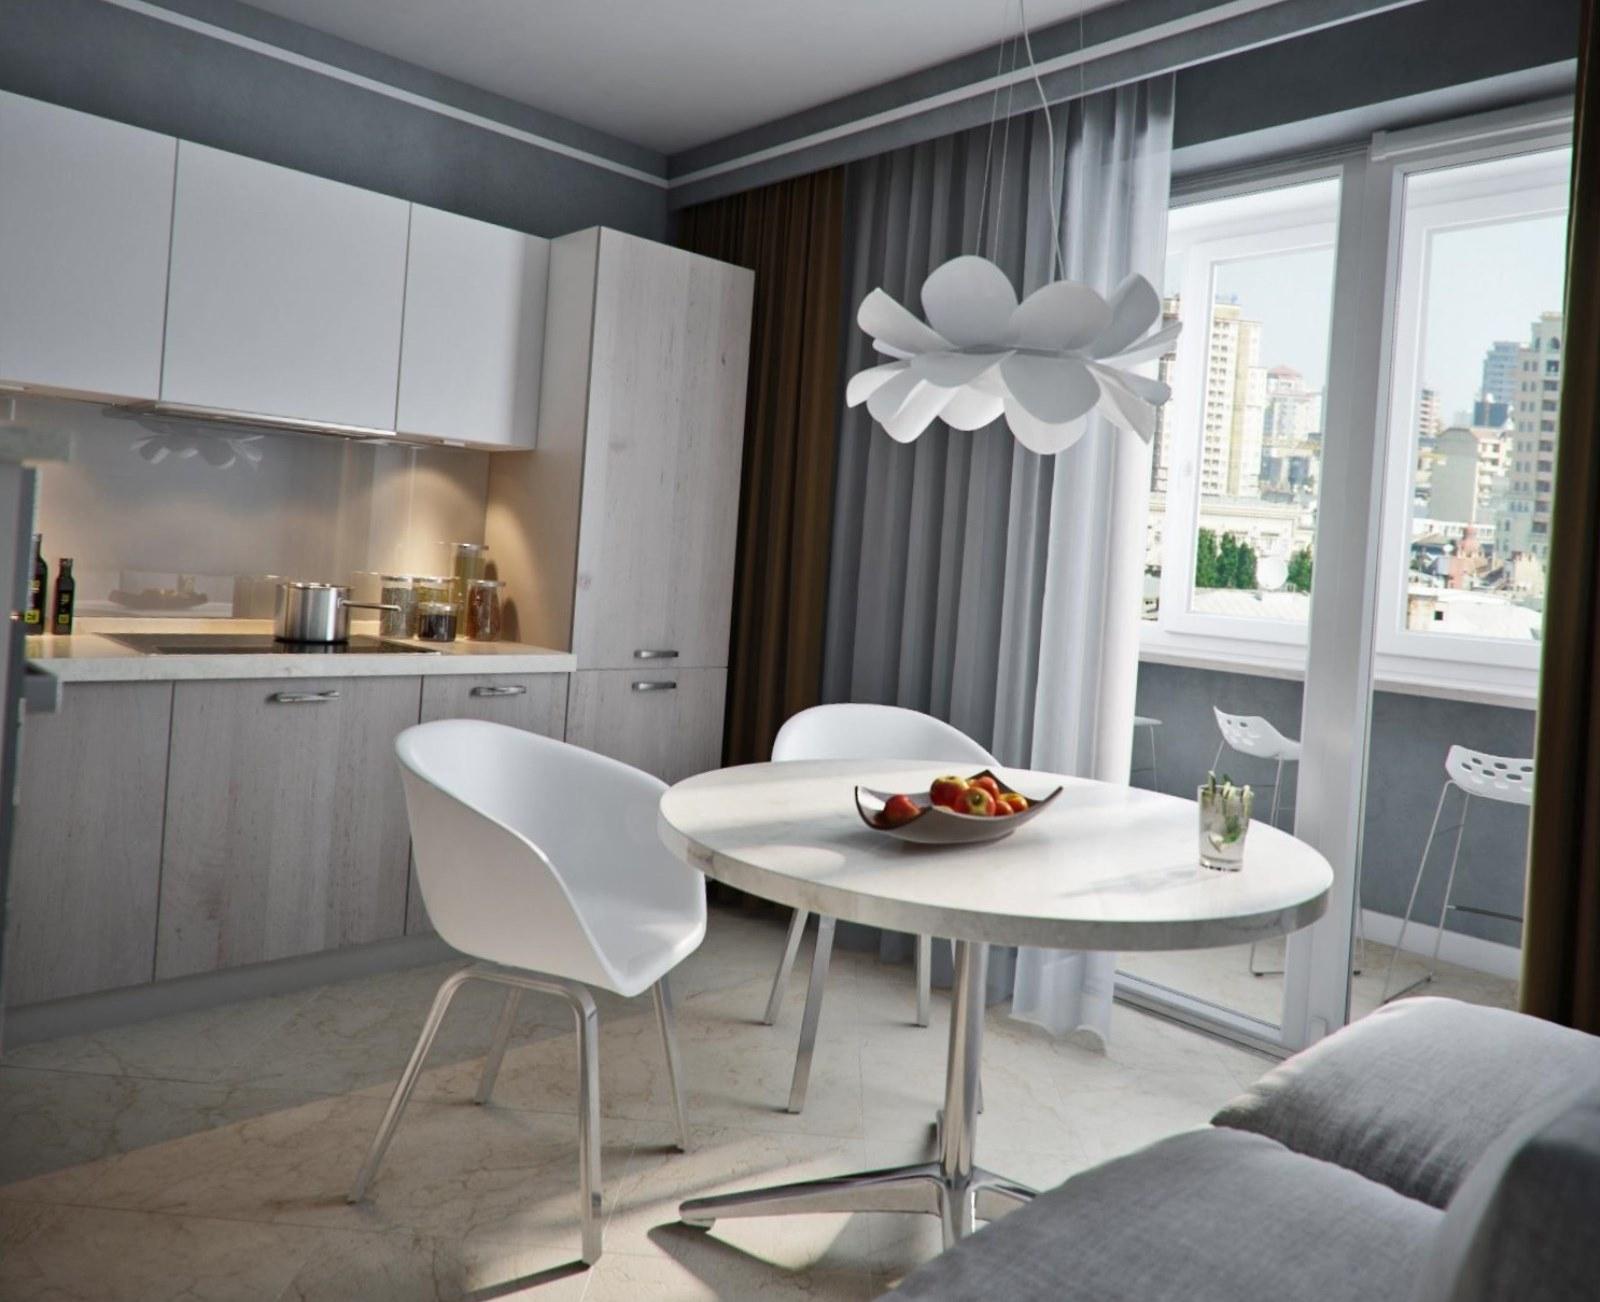 Кухня совмещенная с балконом: особенности планировки и дизай.